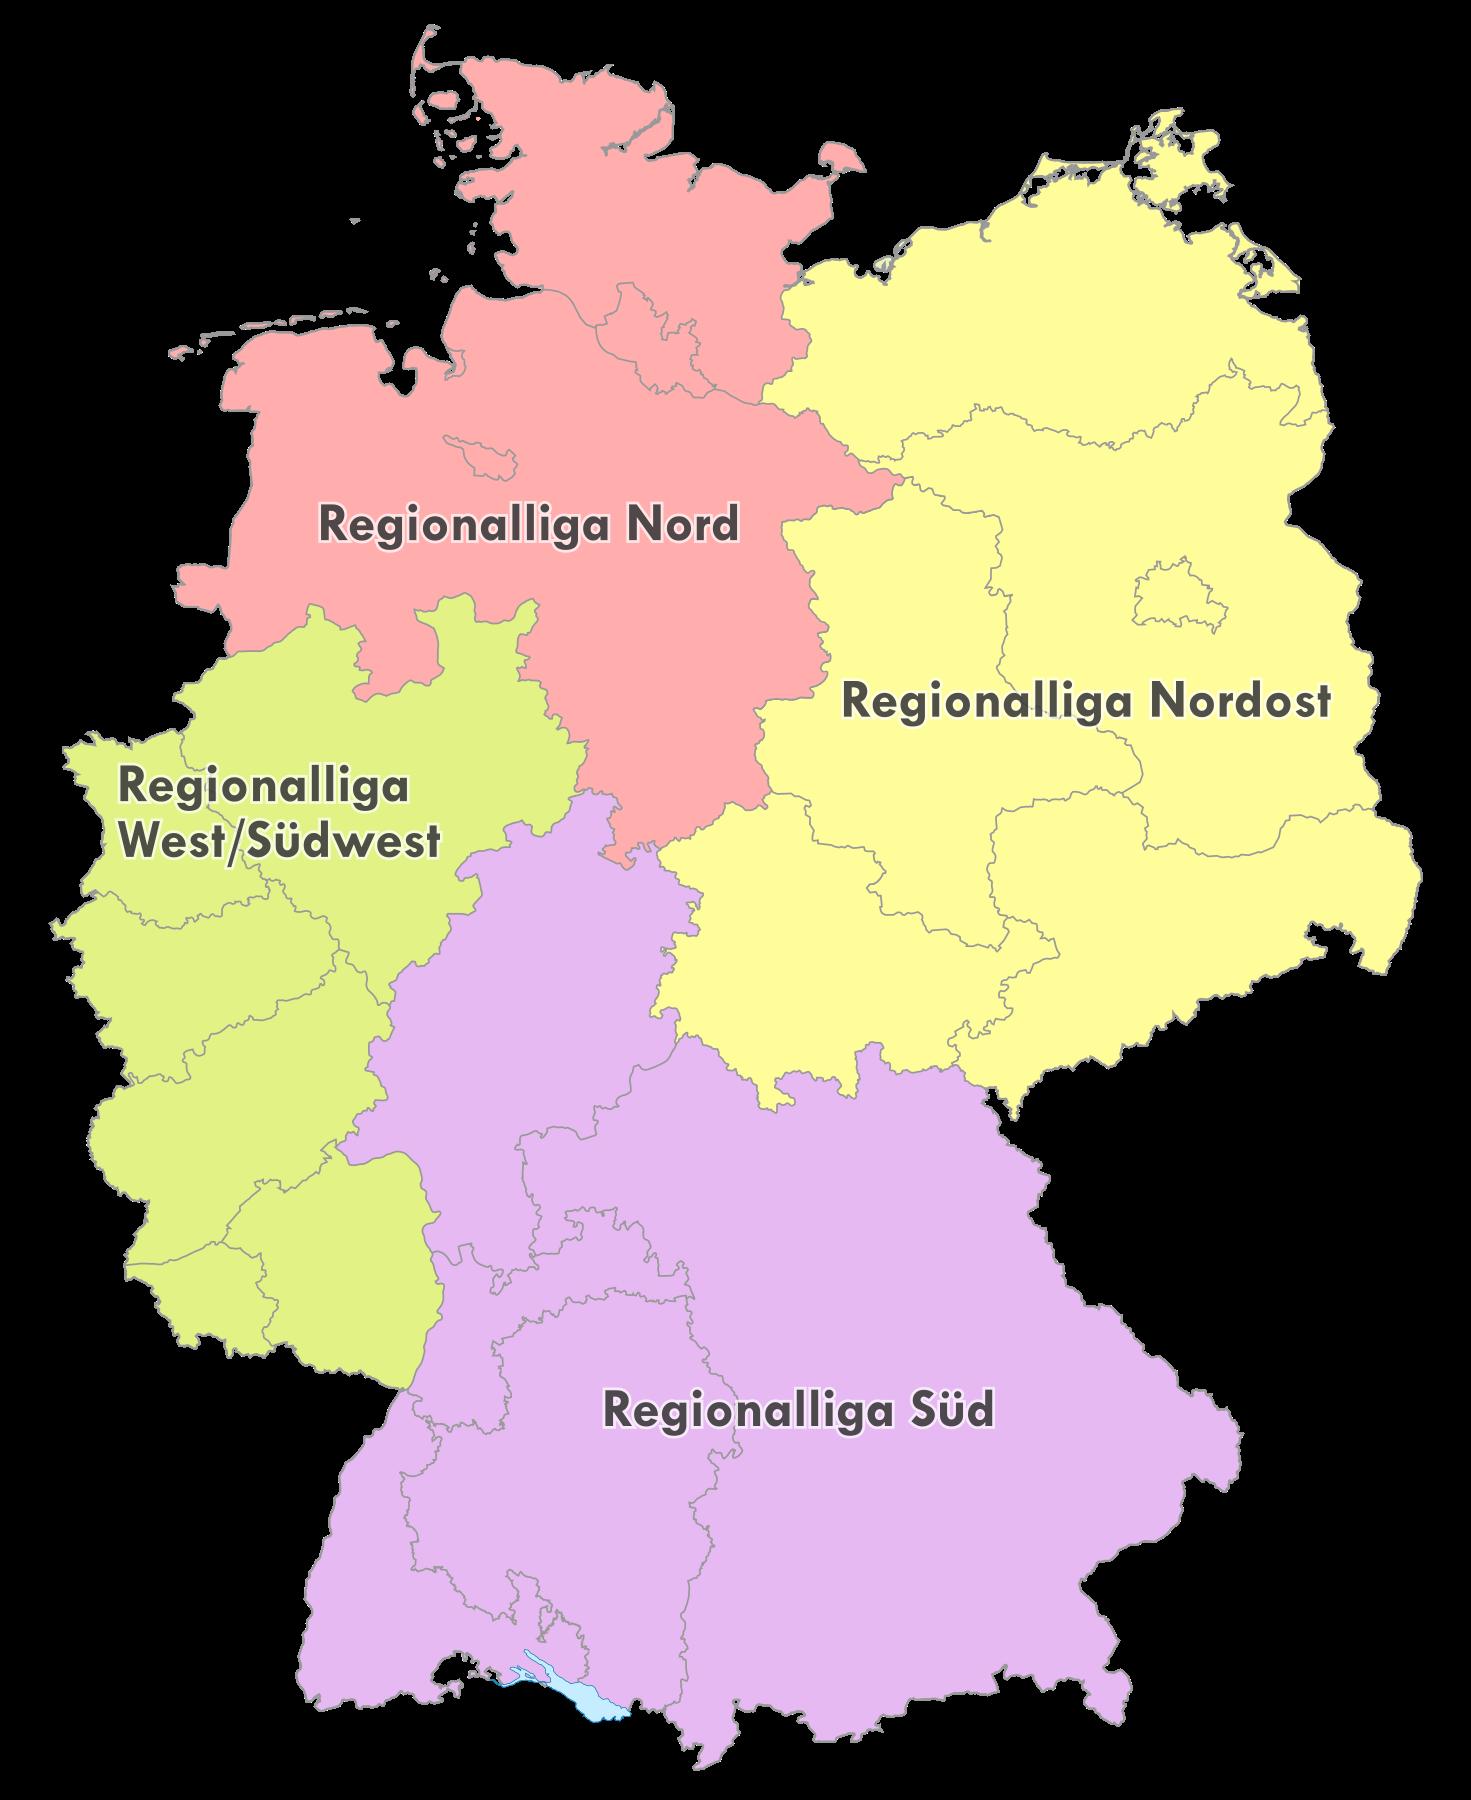 regonalliga west